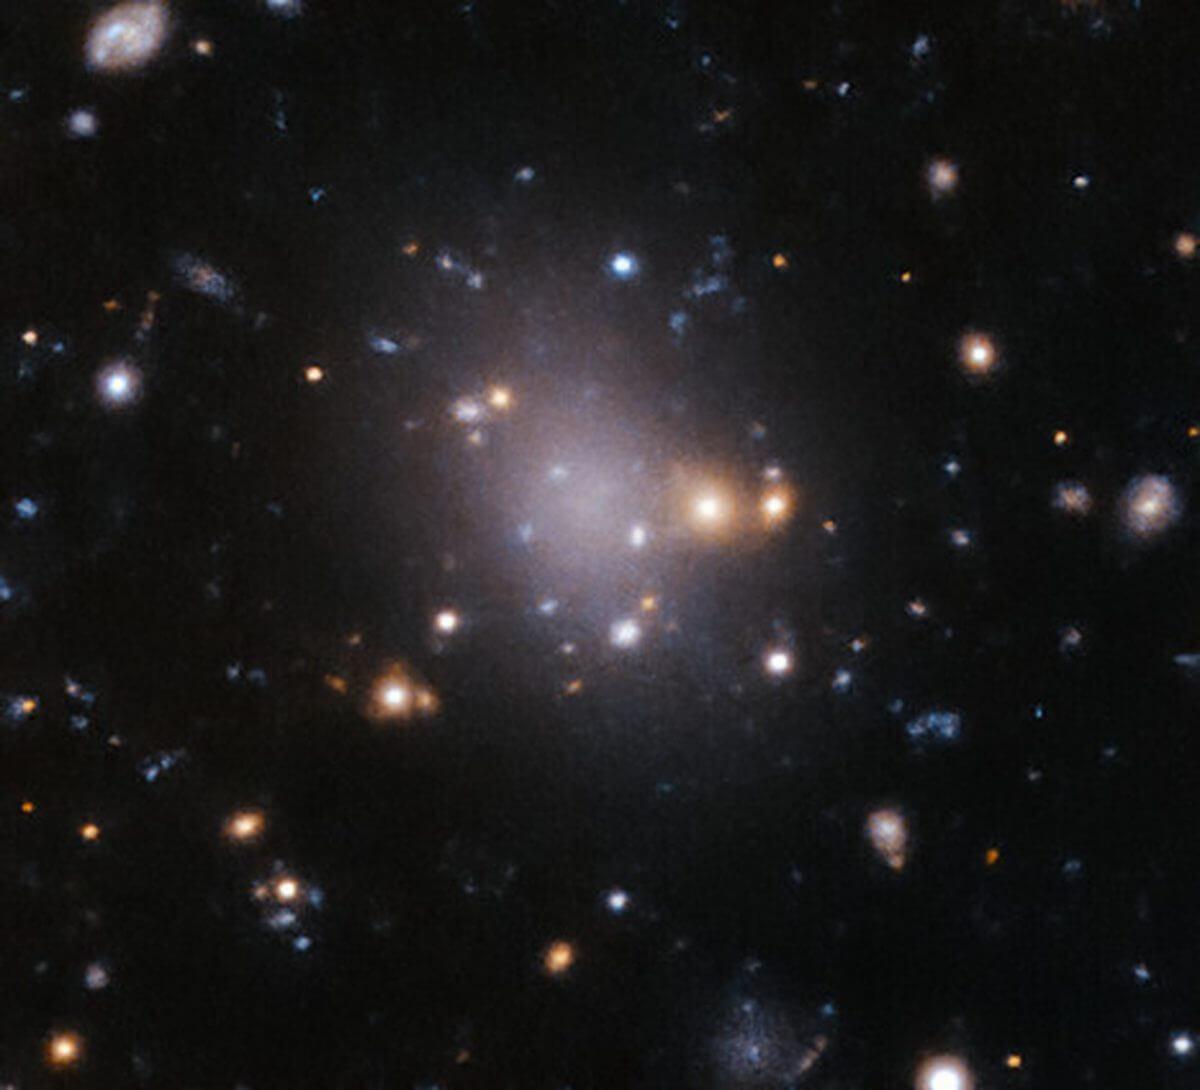 超淡銀河「UDG 4」(Credit: ESO/Iodice et al.)